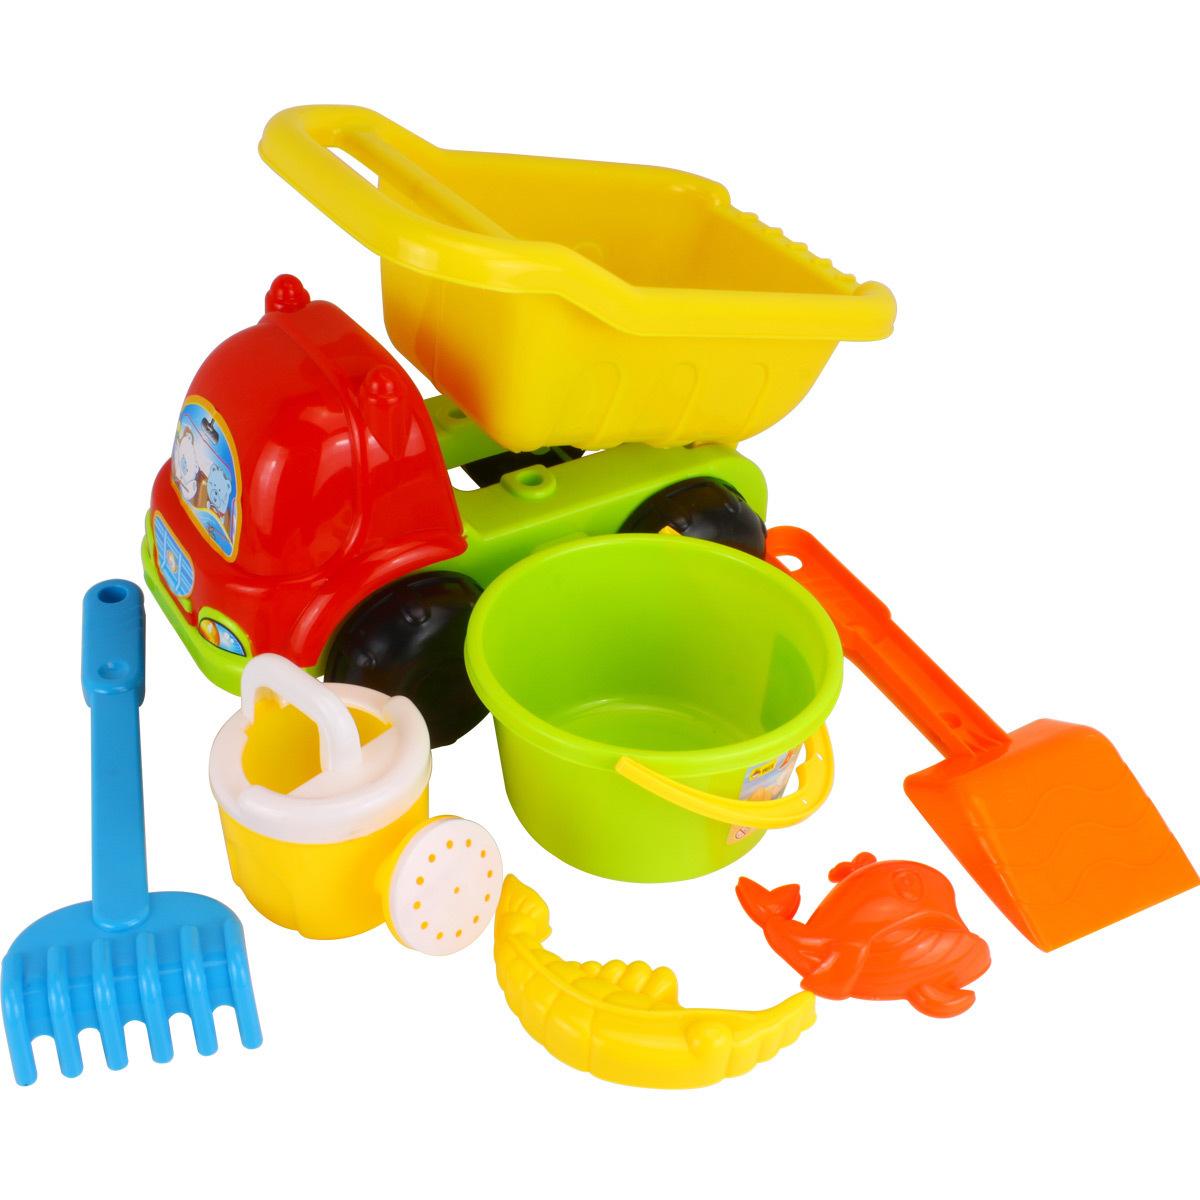 Baño Infantil La Pala:la arena pala – Compra lotes baratos de juguetes para la arena pala